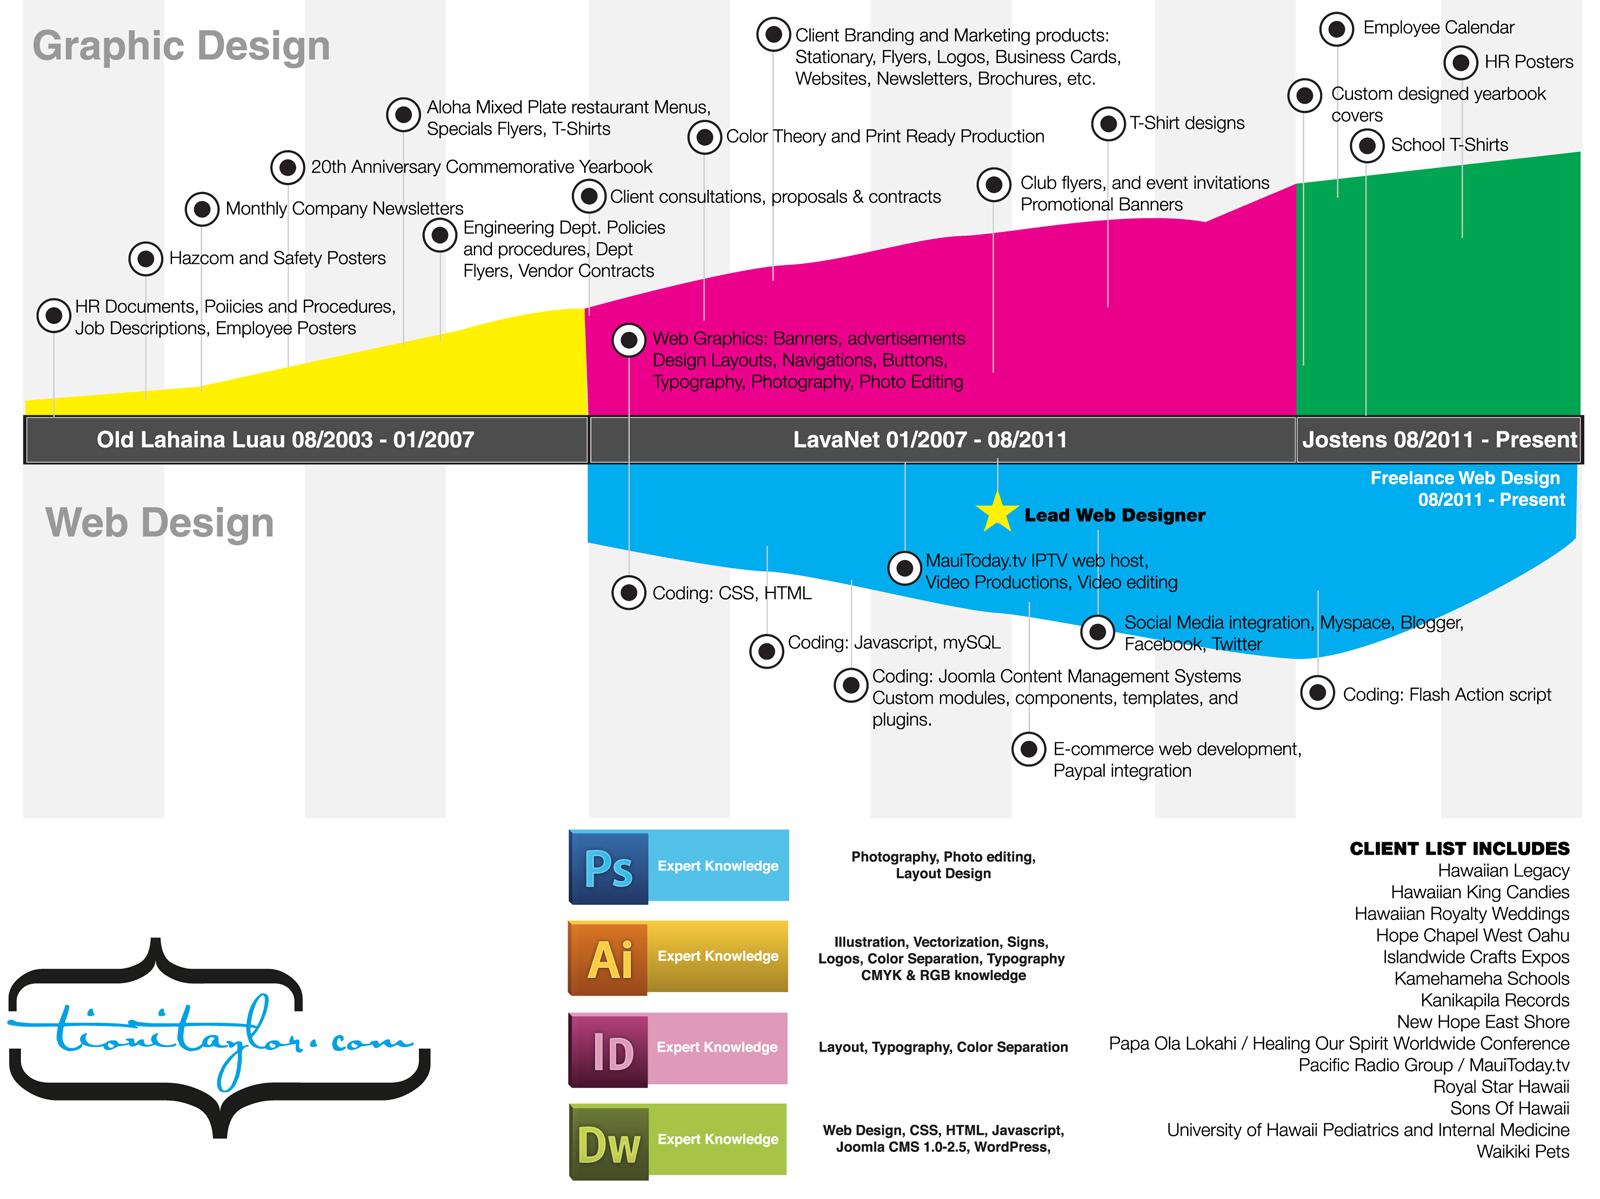 History Timeline Design images